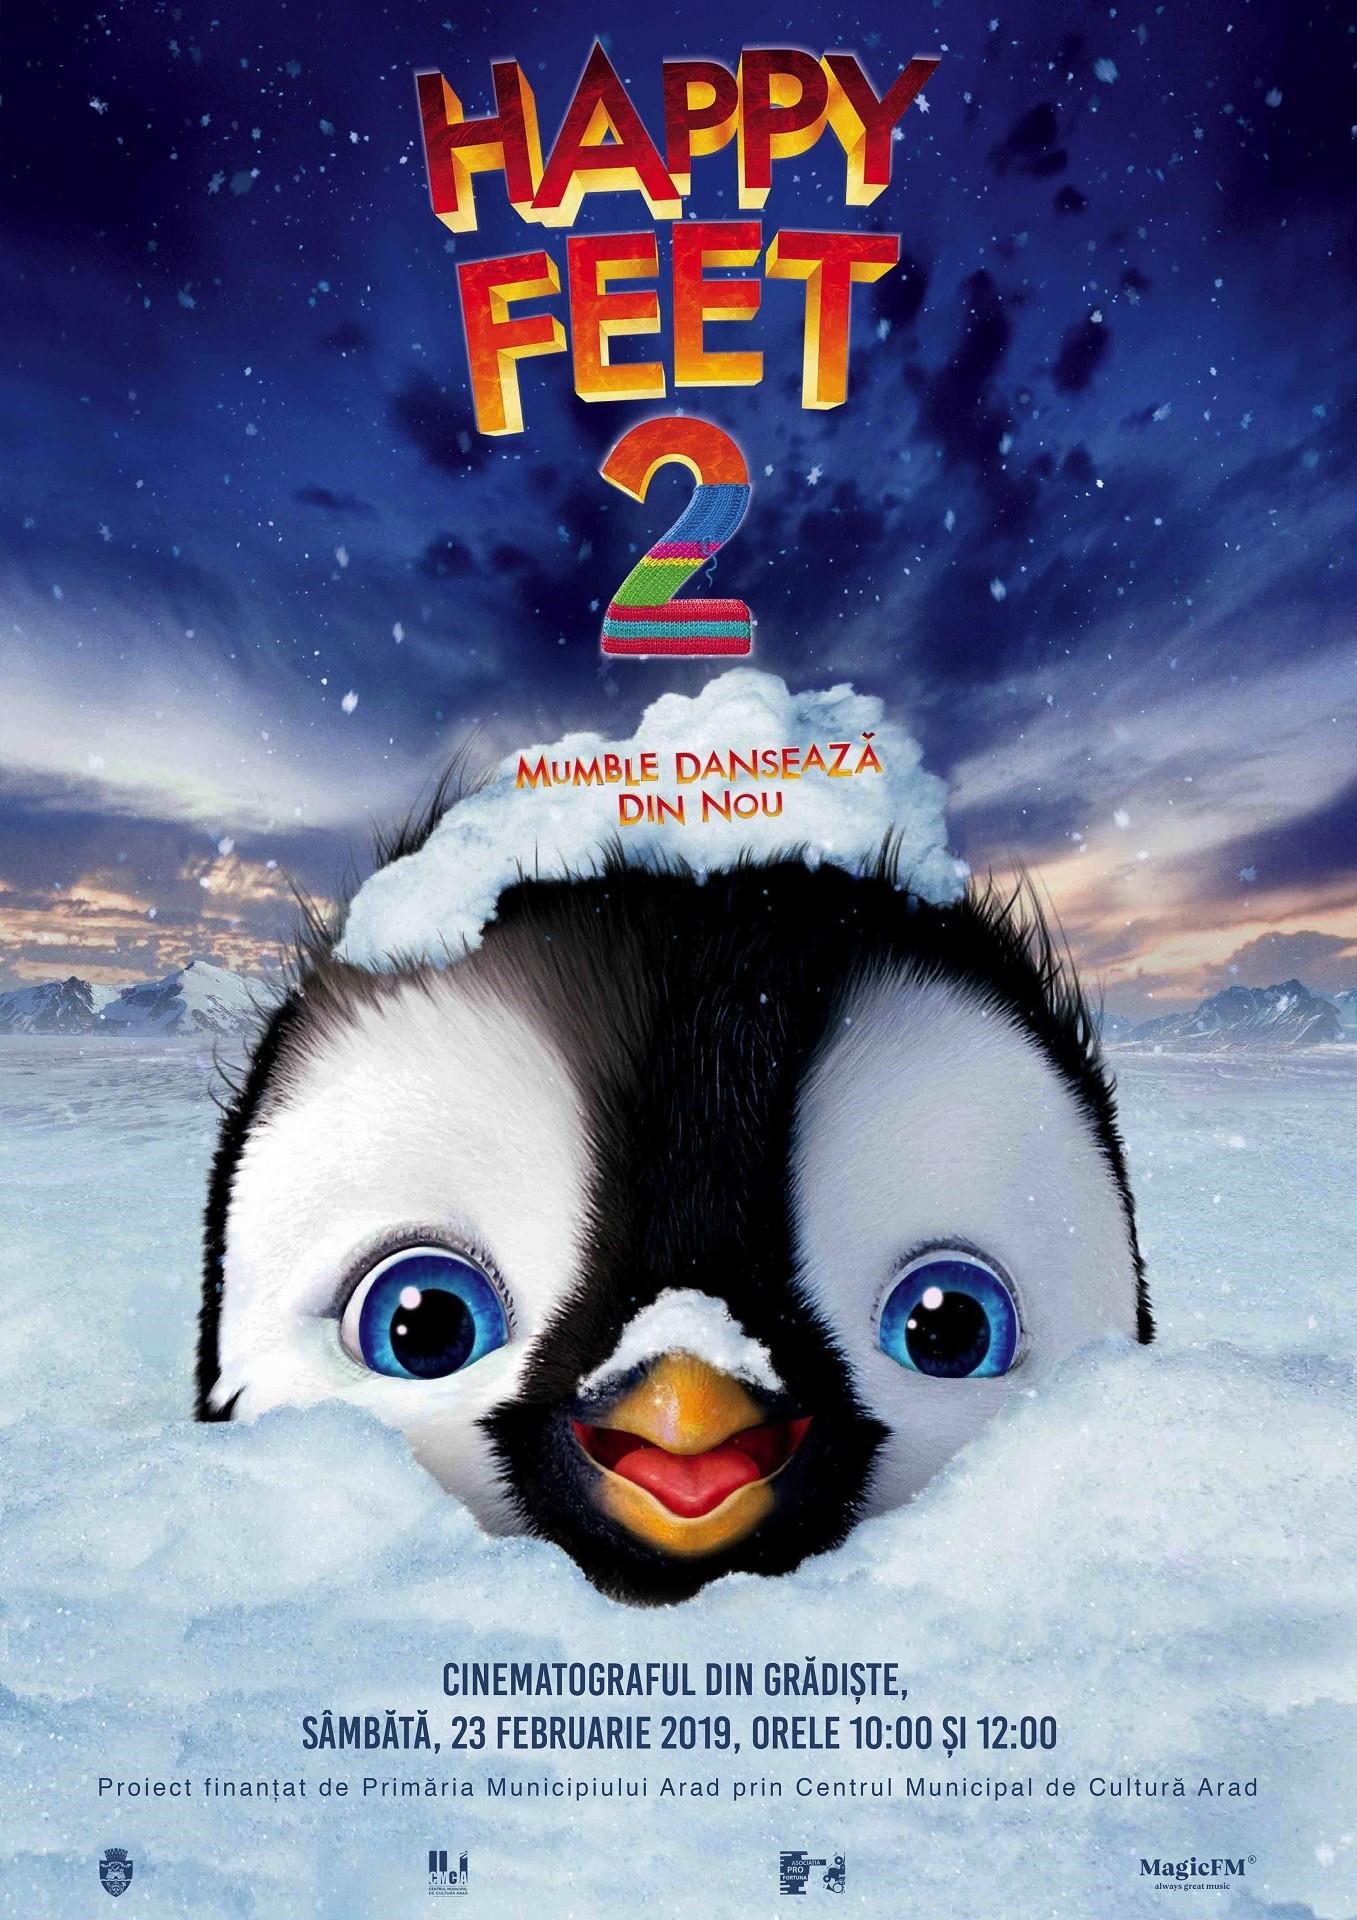 """Animația """"Happy Feet 2. Mumble dansează din nou"""", la cinematograful din Grădiște"""